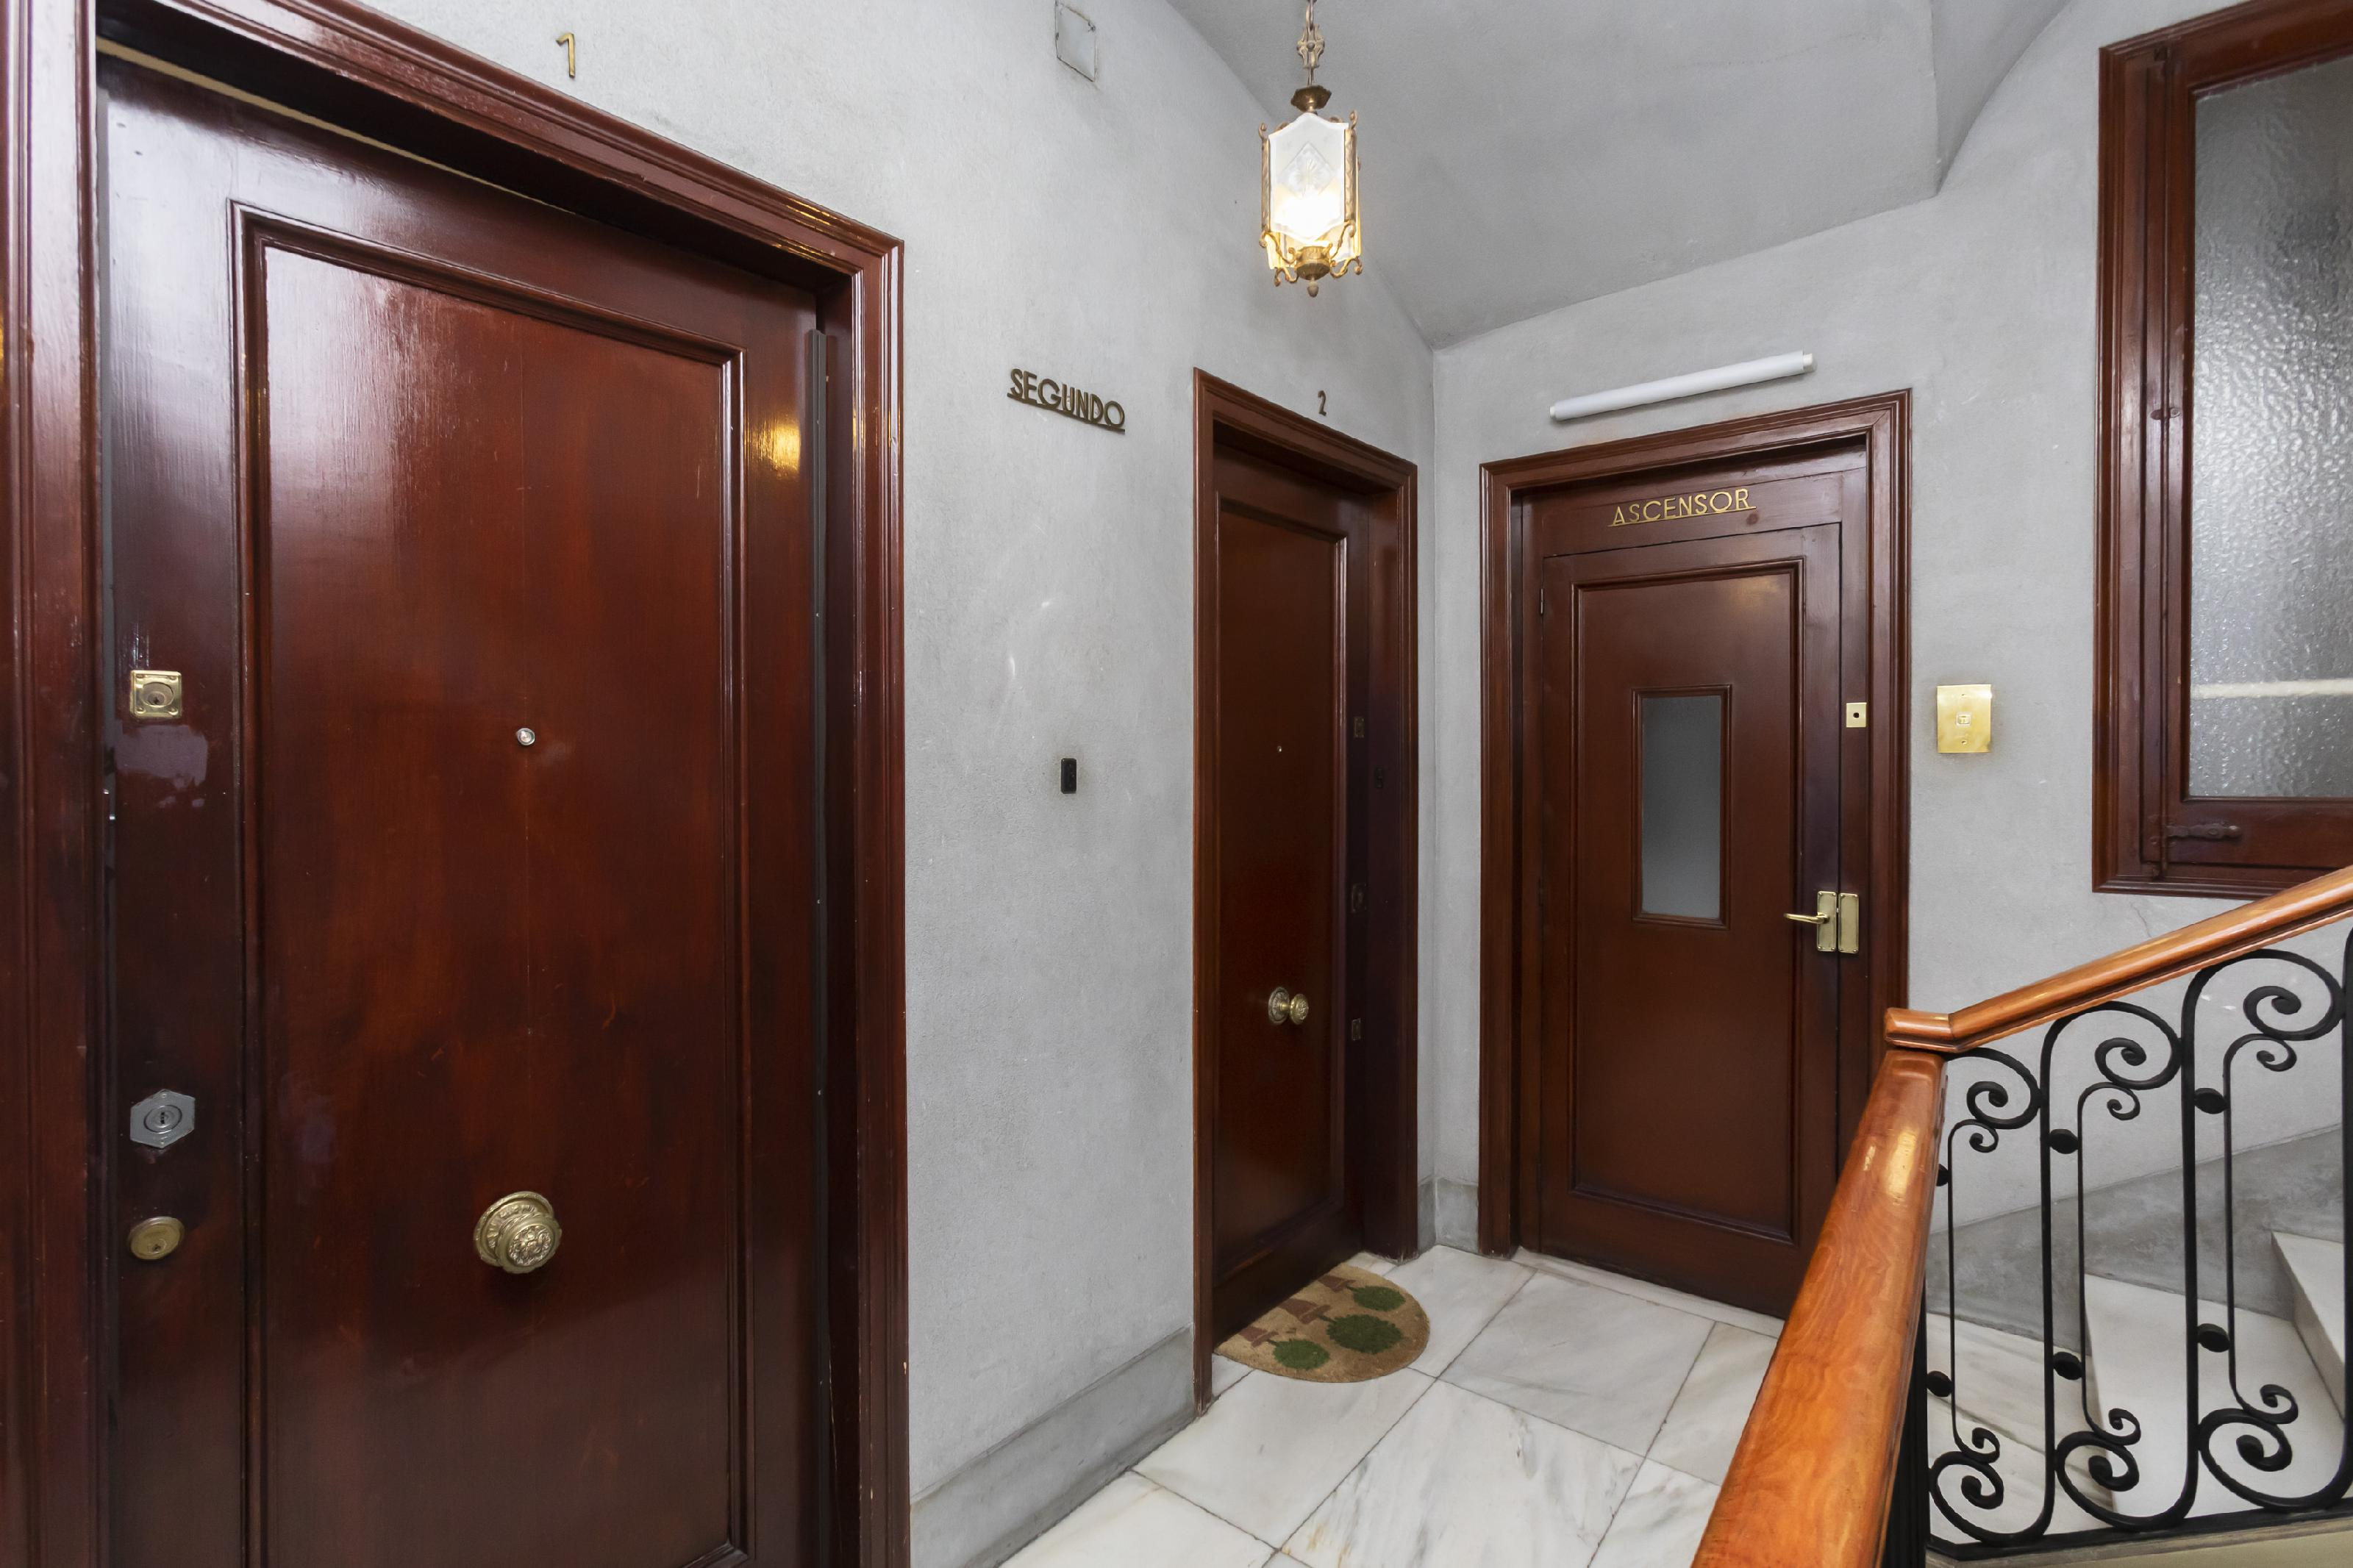 248888 Flat for sale in Sarrià-Sant Gervasi, St. Gervasi-Bonanova 26